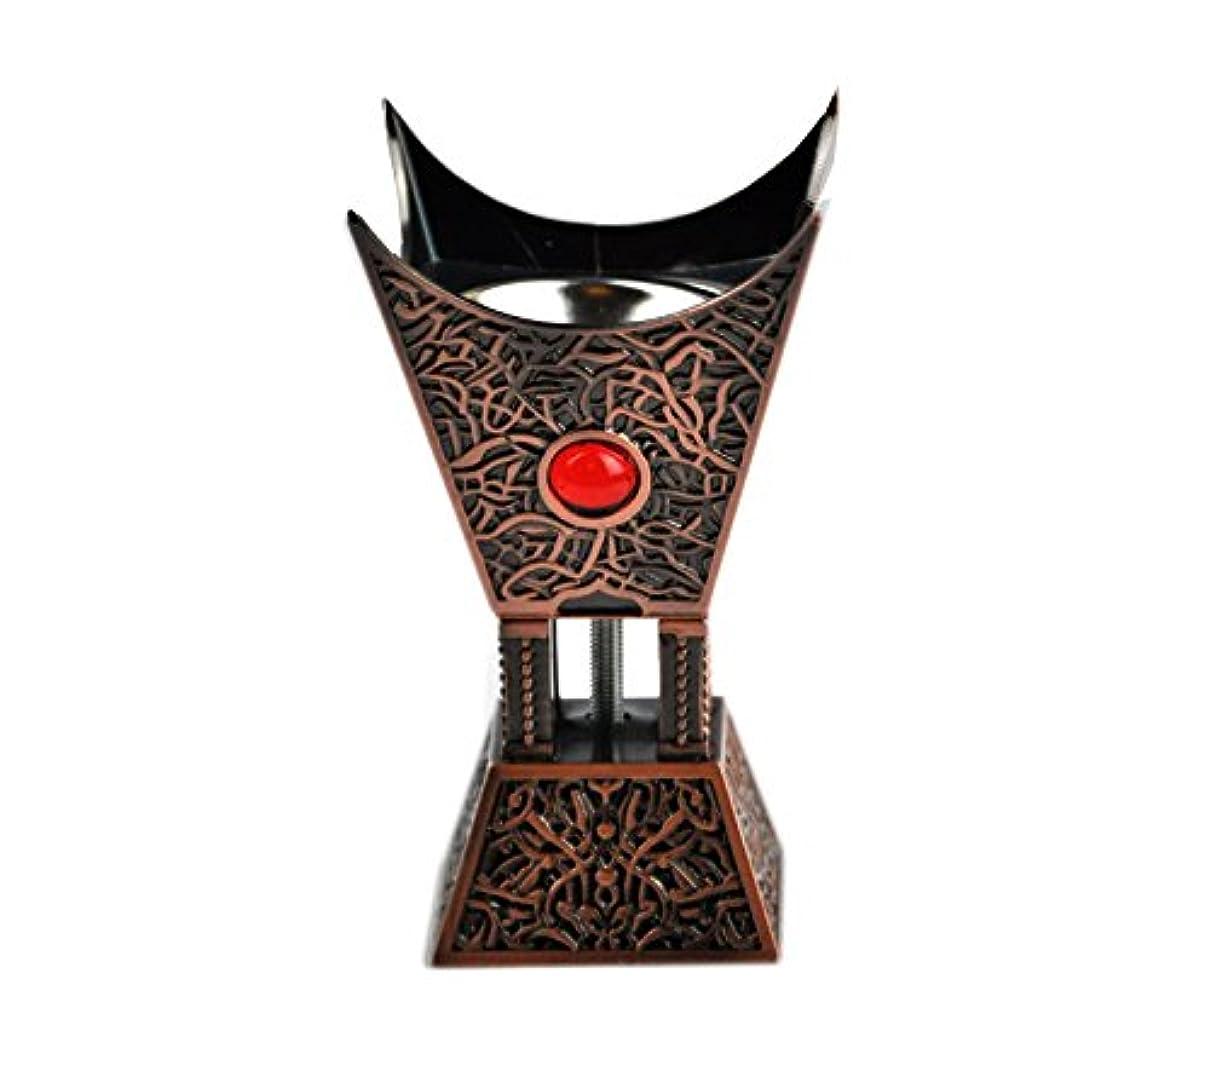 怠感美容師接続詞Arabia Incense/bakhoor Burner (Mabkhara) – Oud Burner、ブロンズ、トレイInside – USA Seller